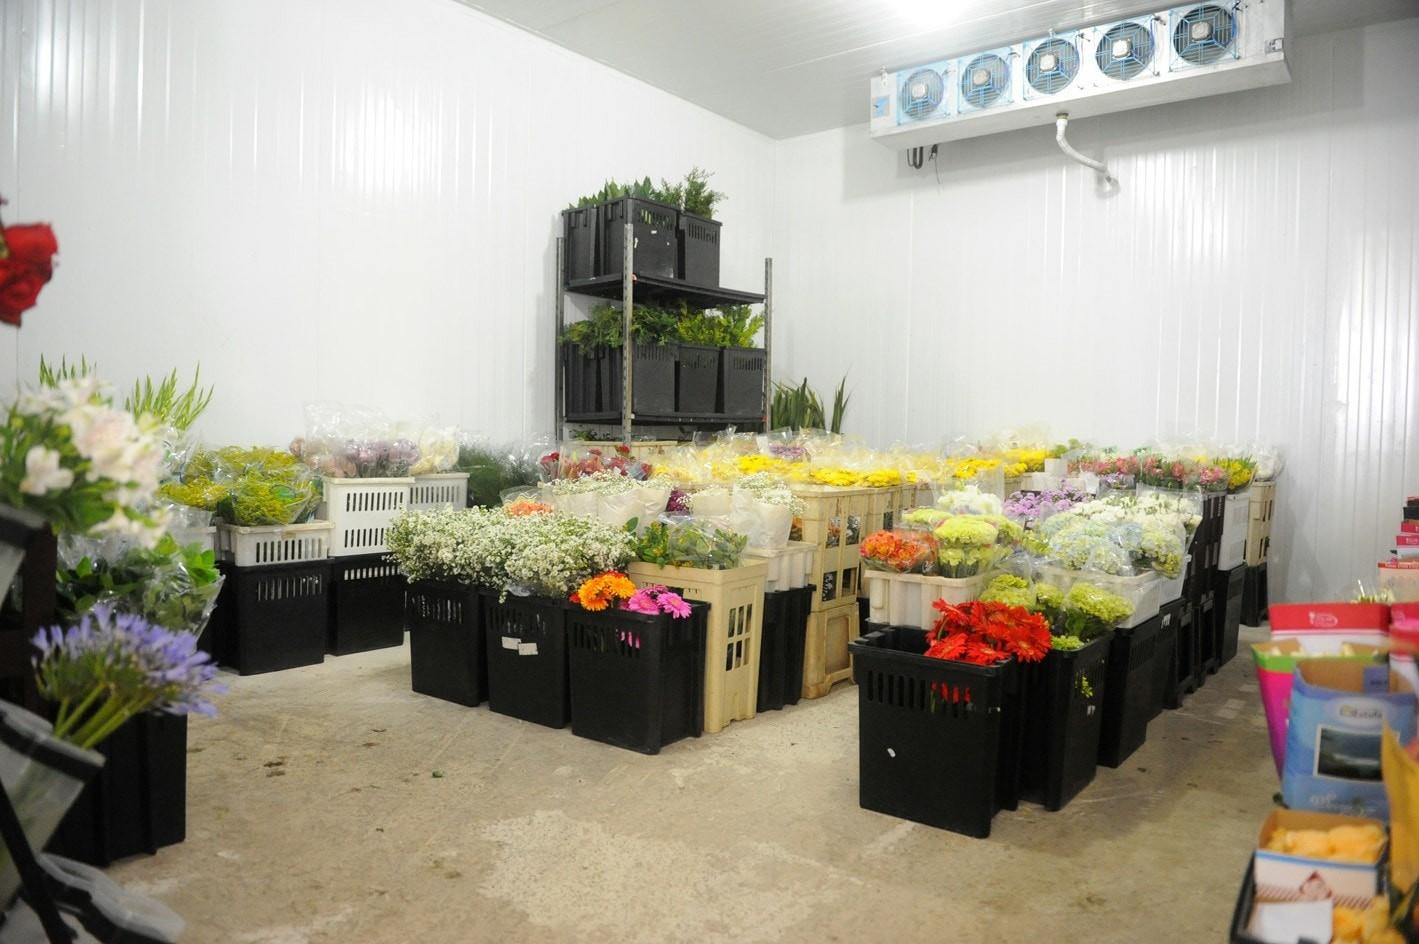 Imagens da Amazon Flores Câmara Fria